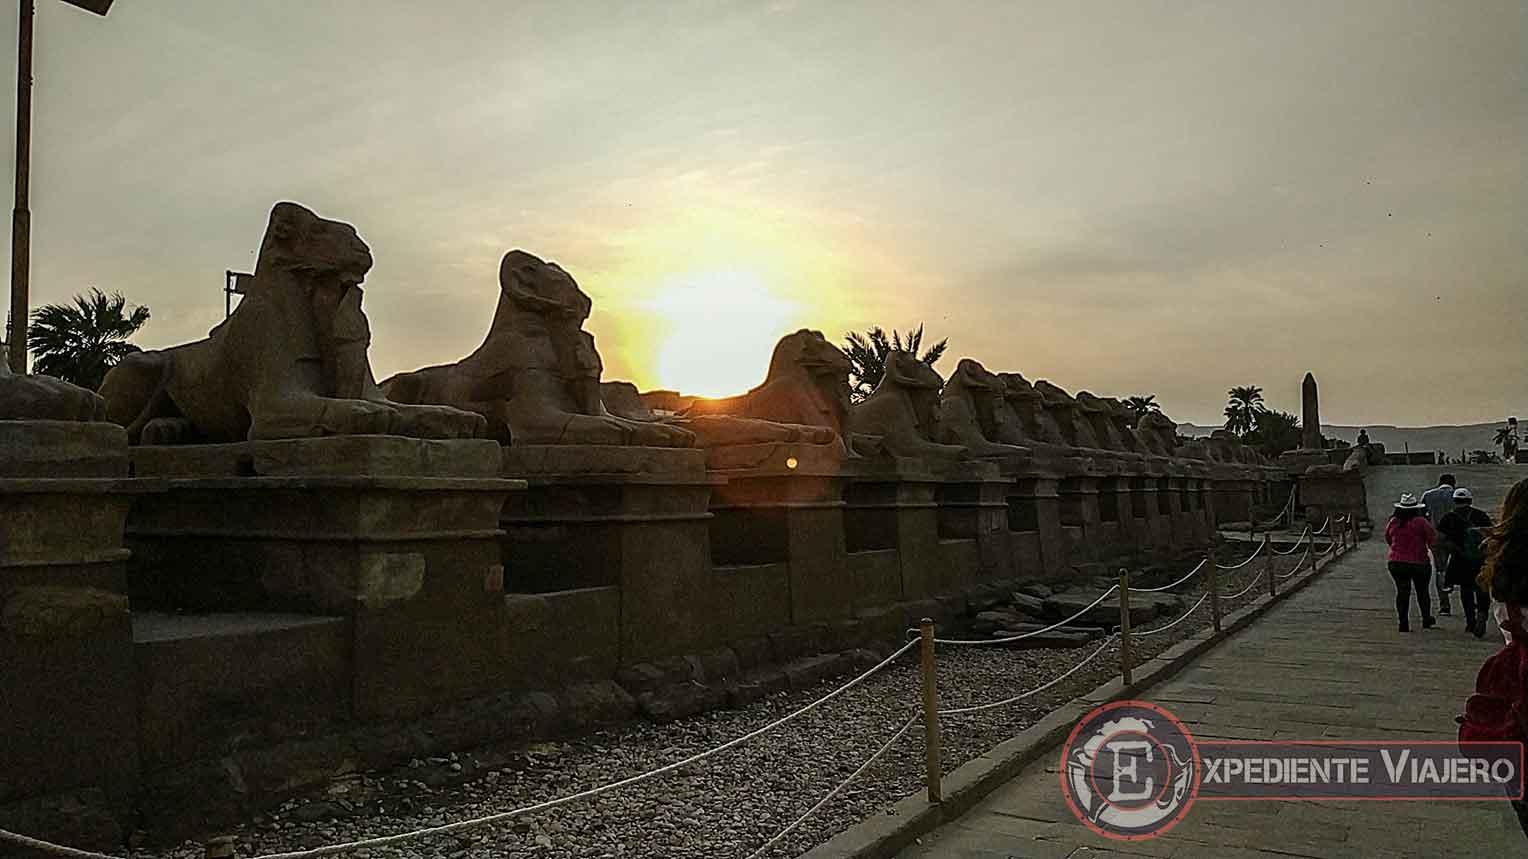 Atardecer tras las esfinges del templo de Karnak